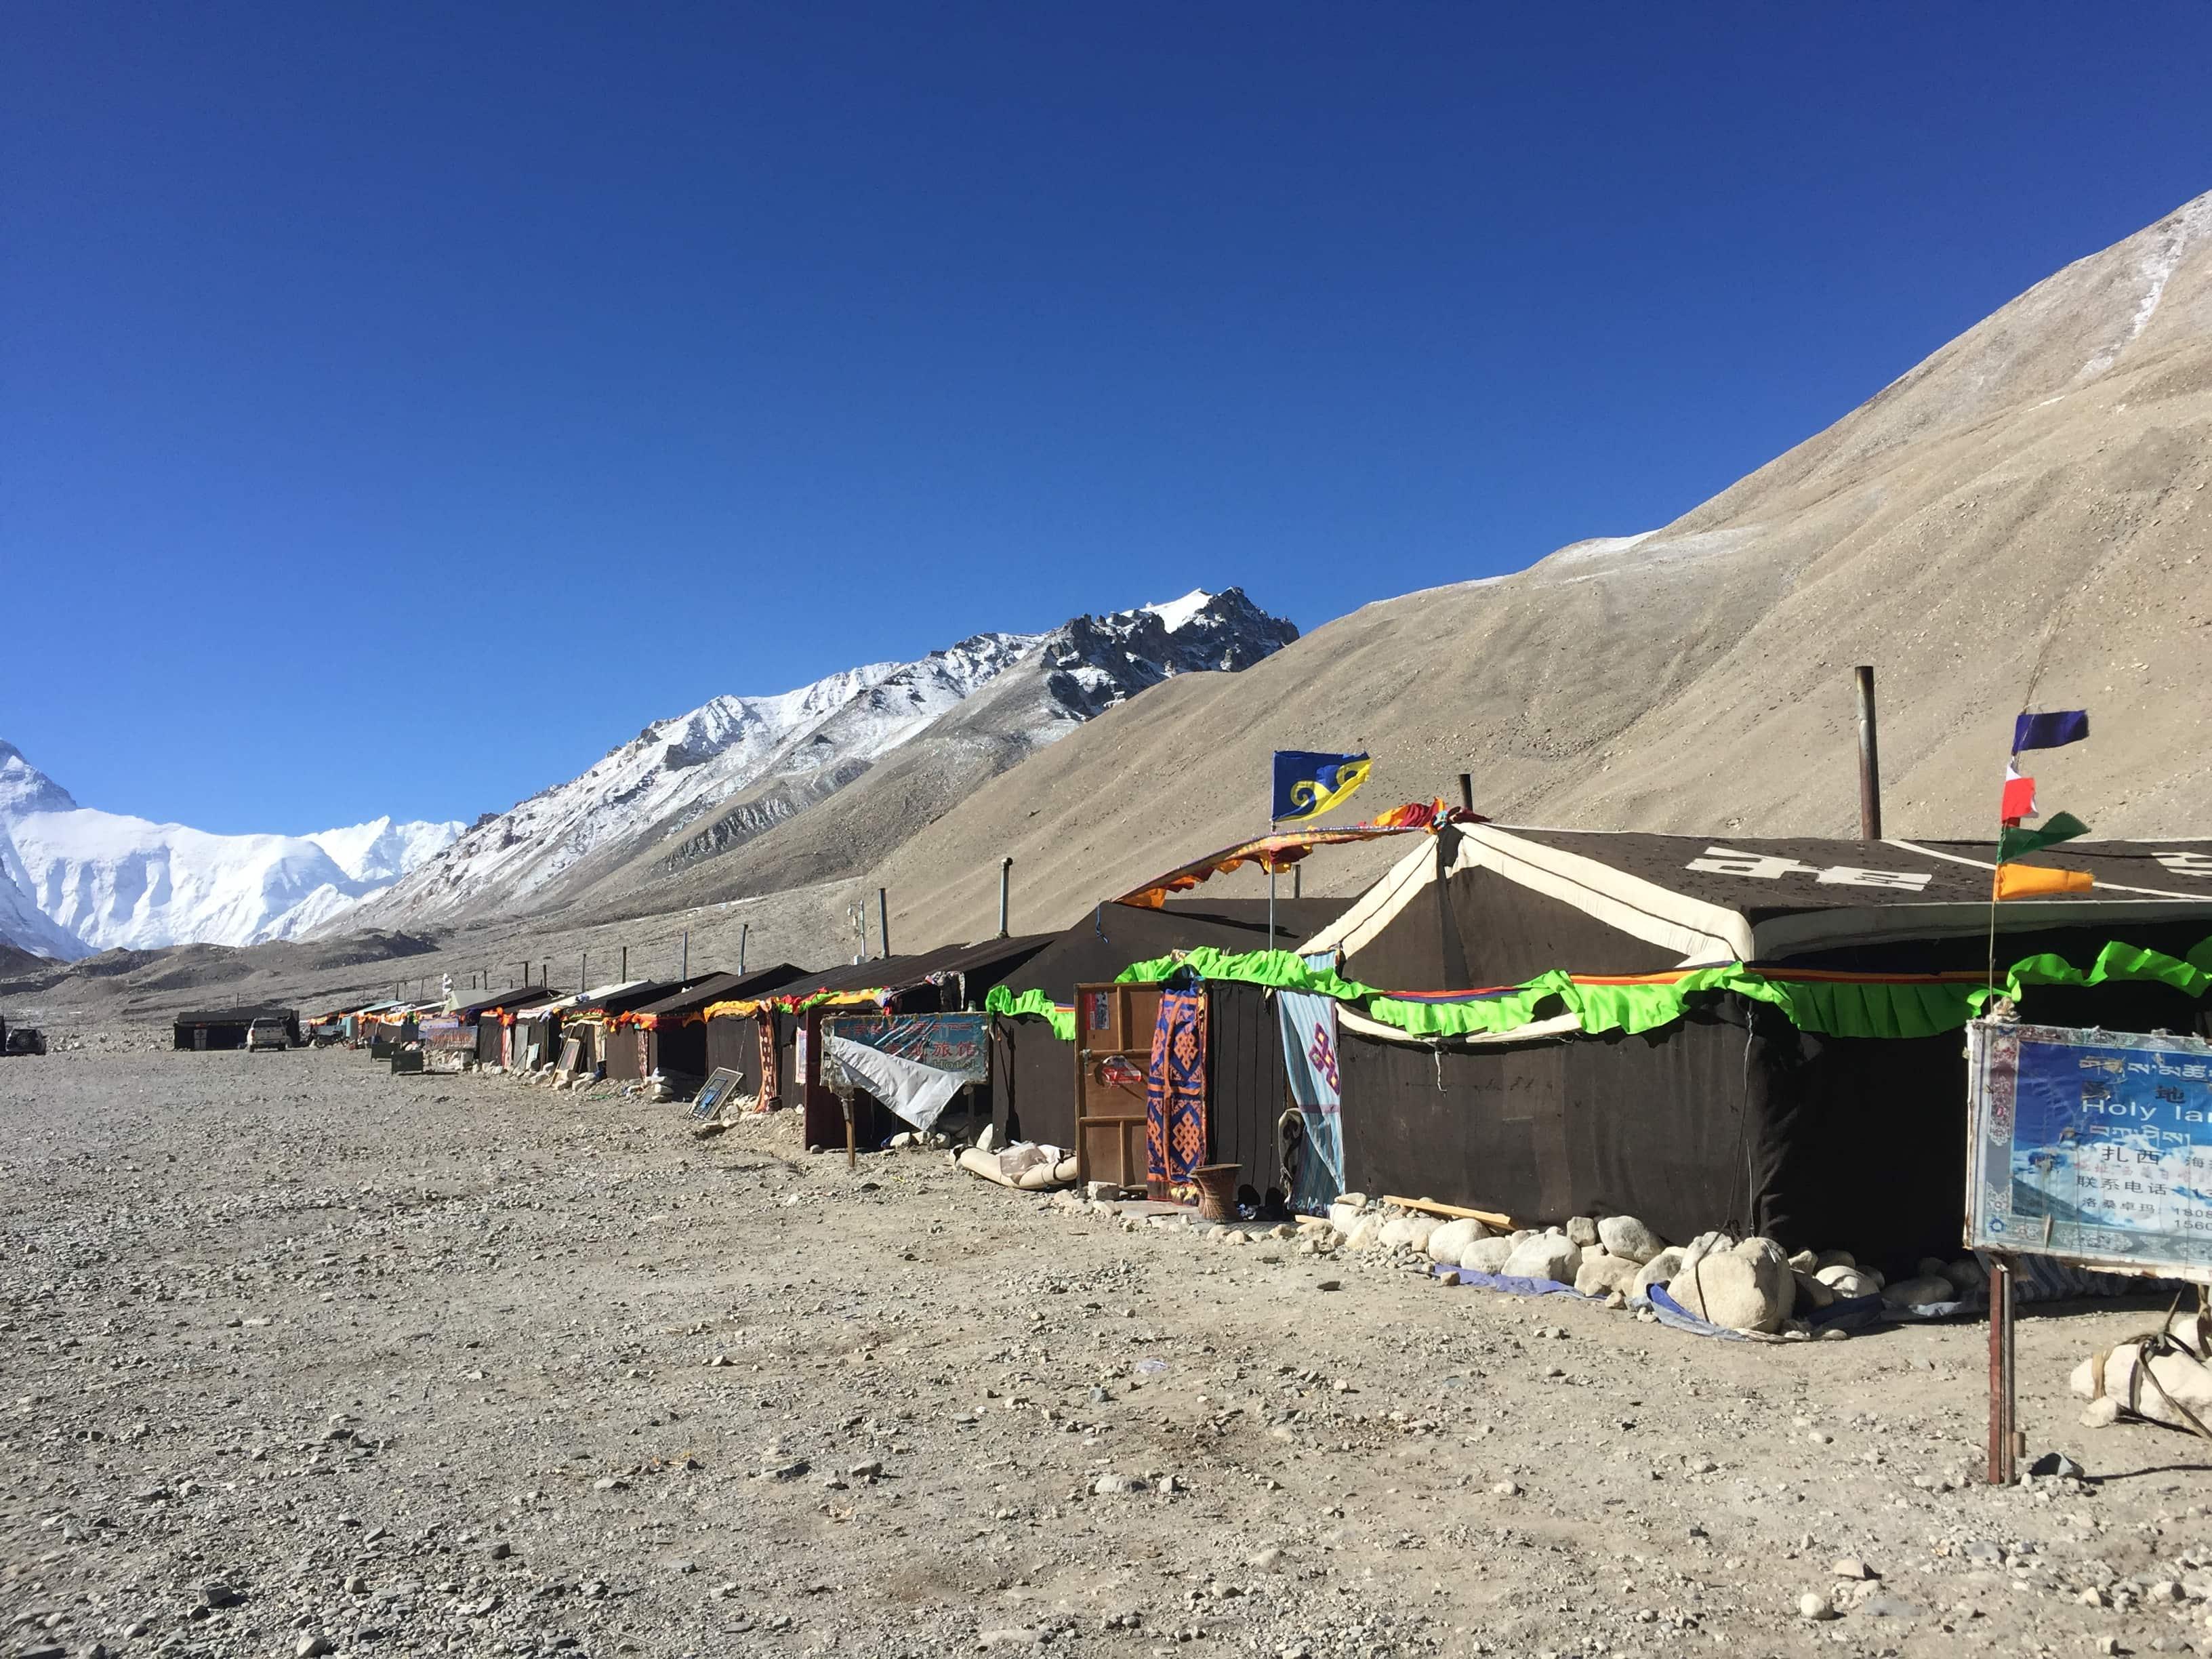 Everest Tent Camp in Tibet